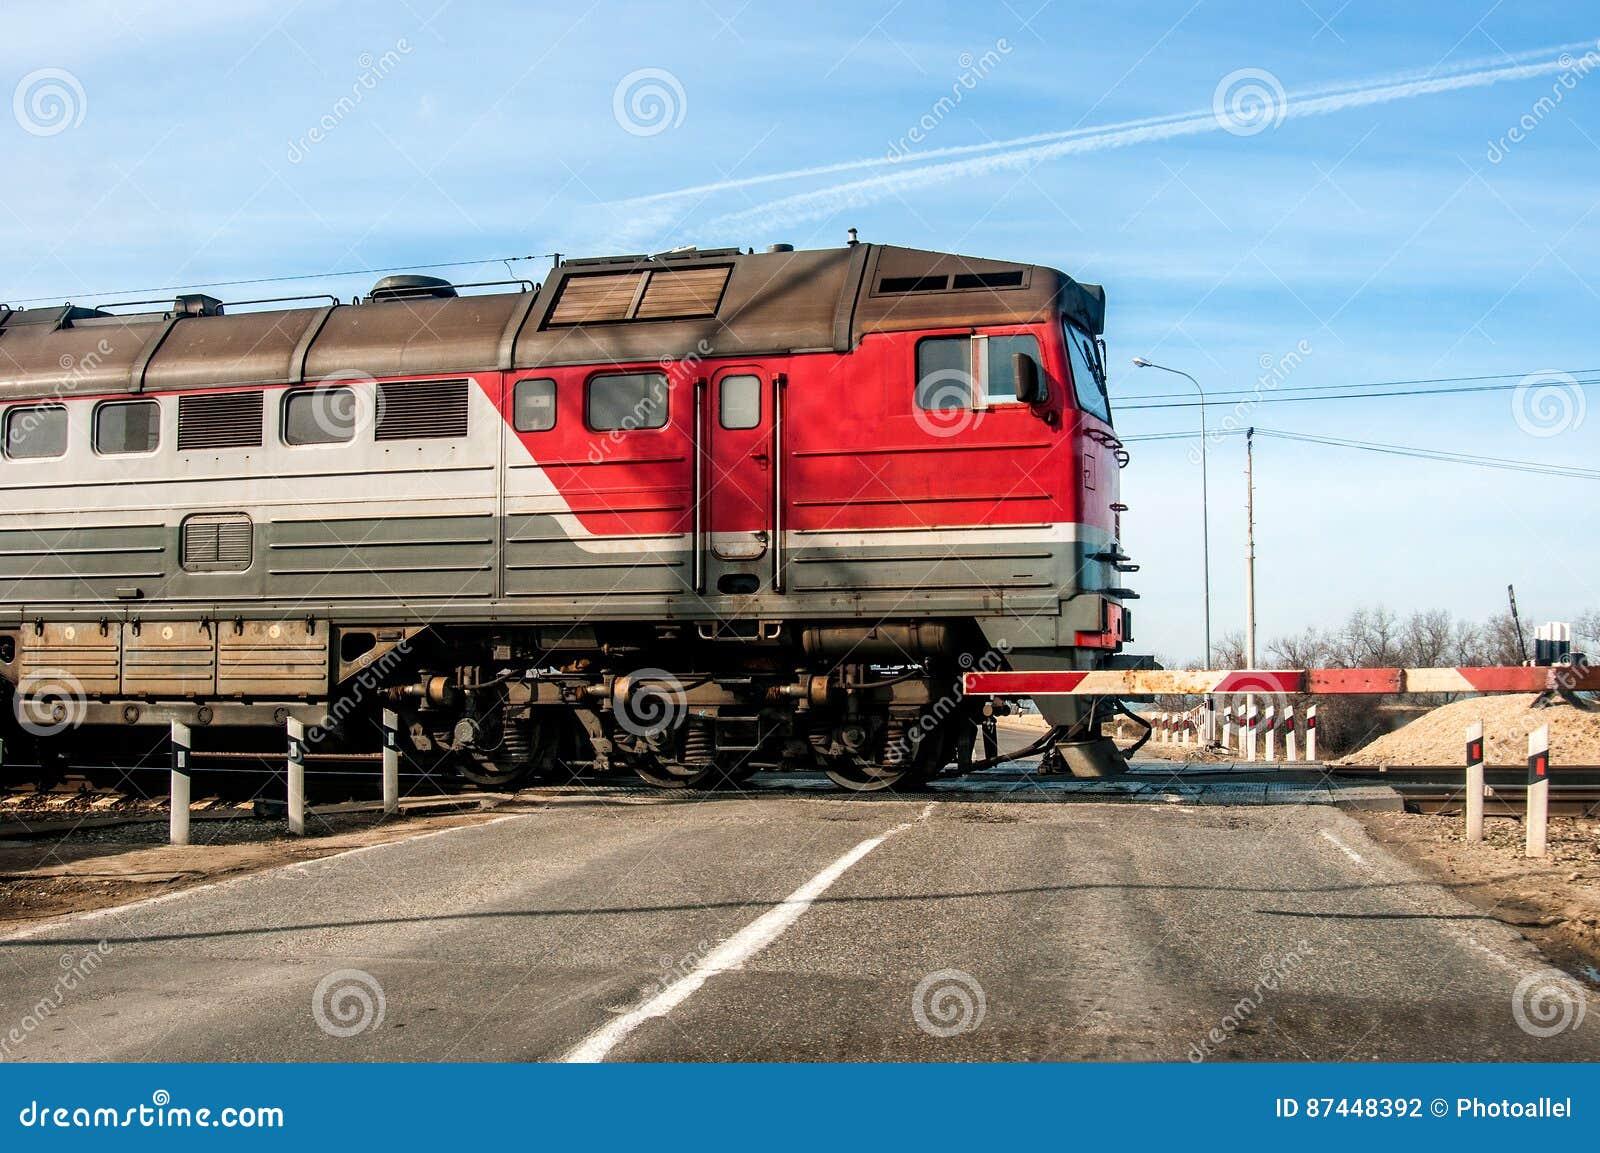 Ein alter russischer roter Zug, der über einen Niveauübergang, auf einer kleinen Straße überschreitet